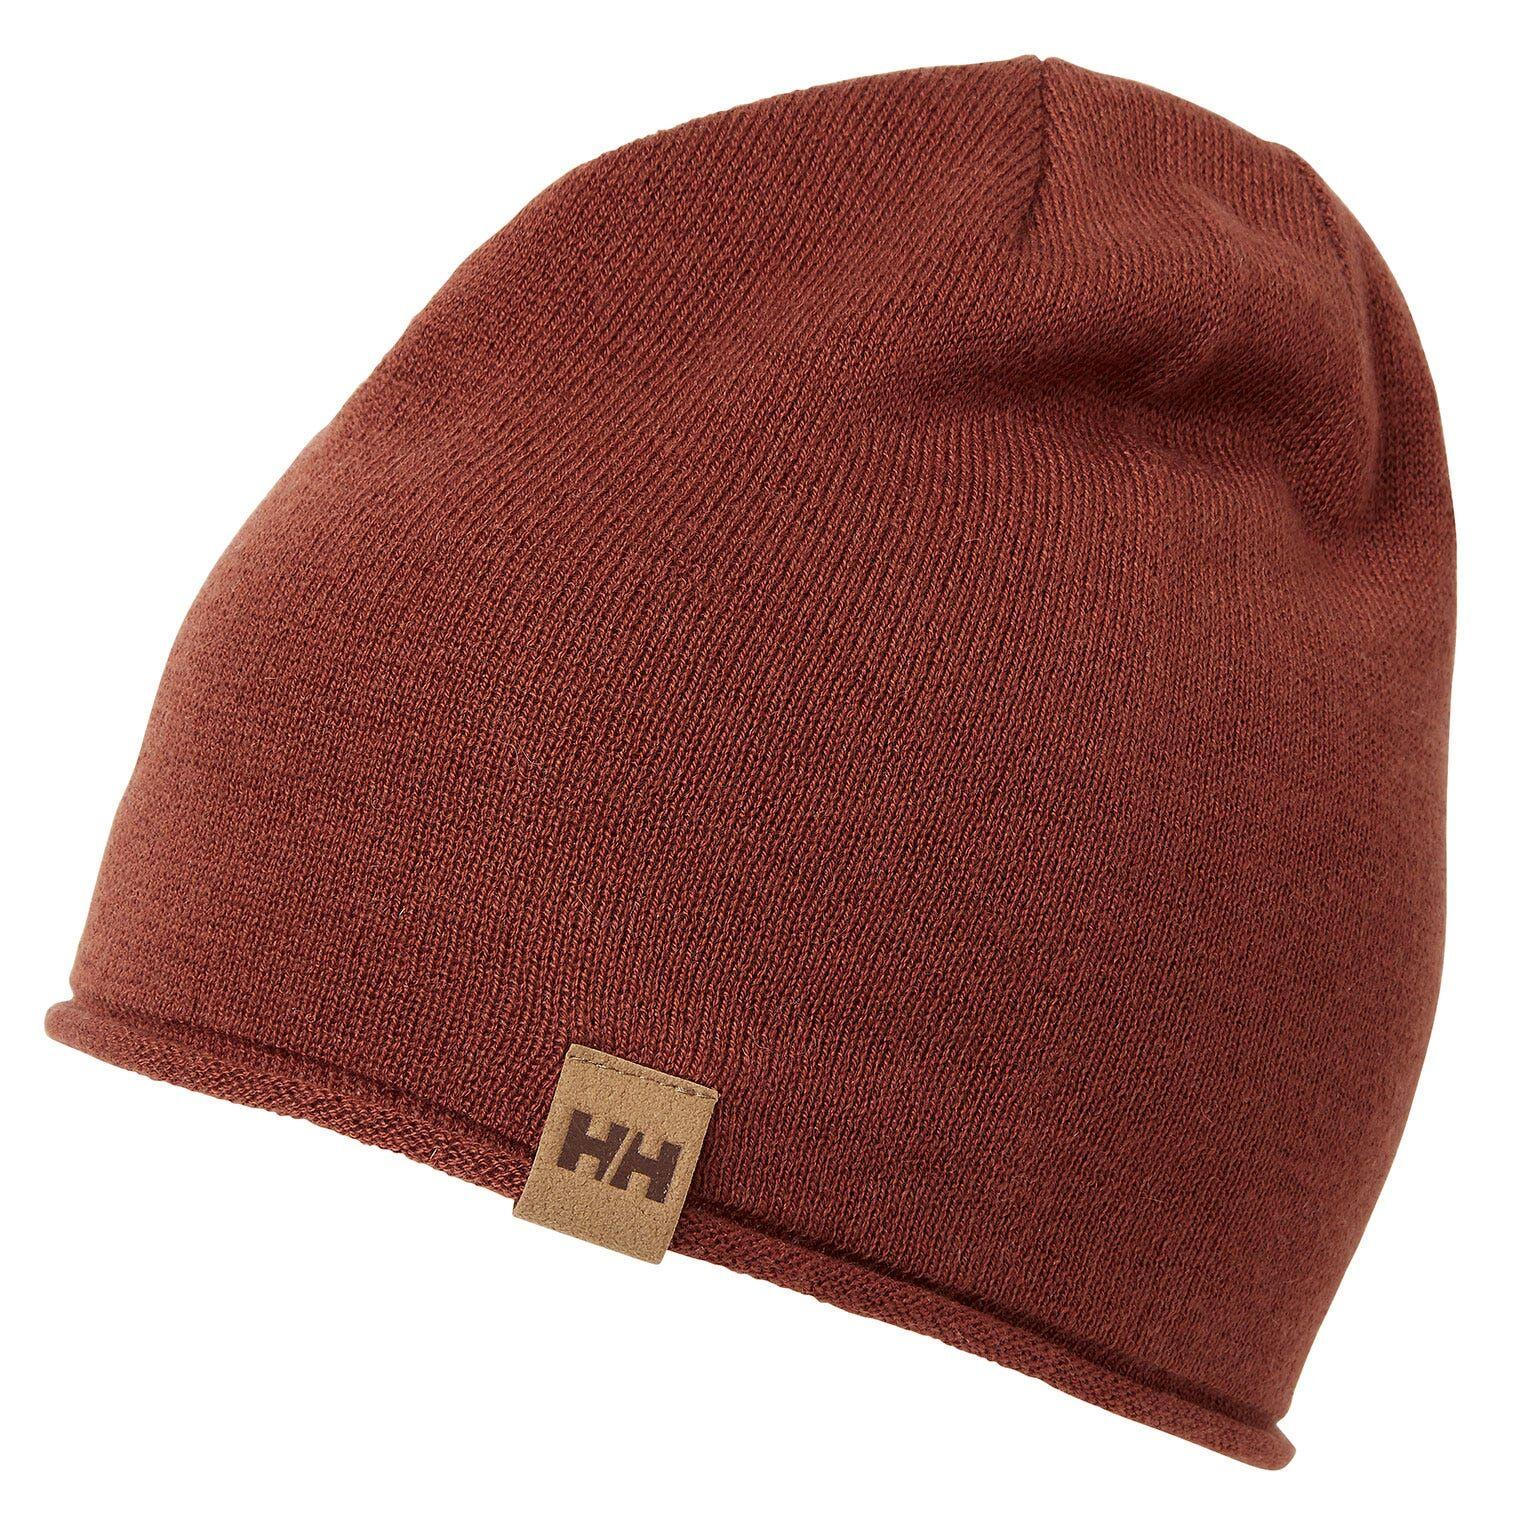 Helly Hansen Mtn Merino Wool Beanie Red STD